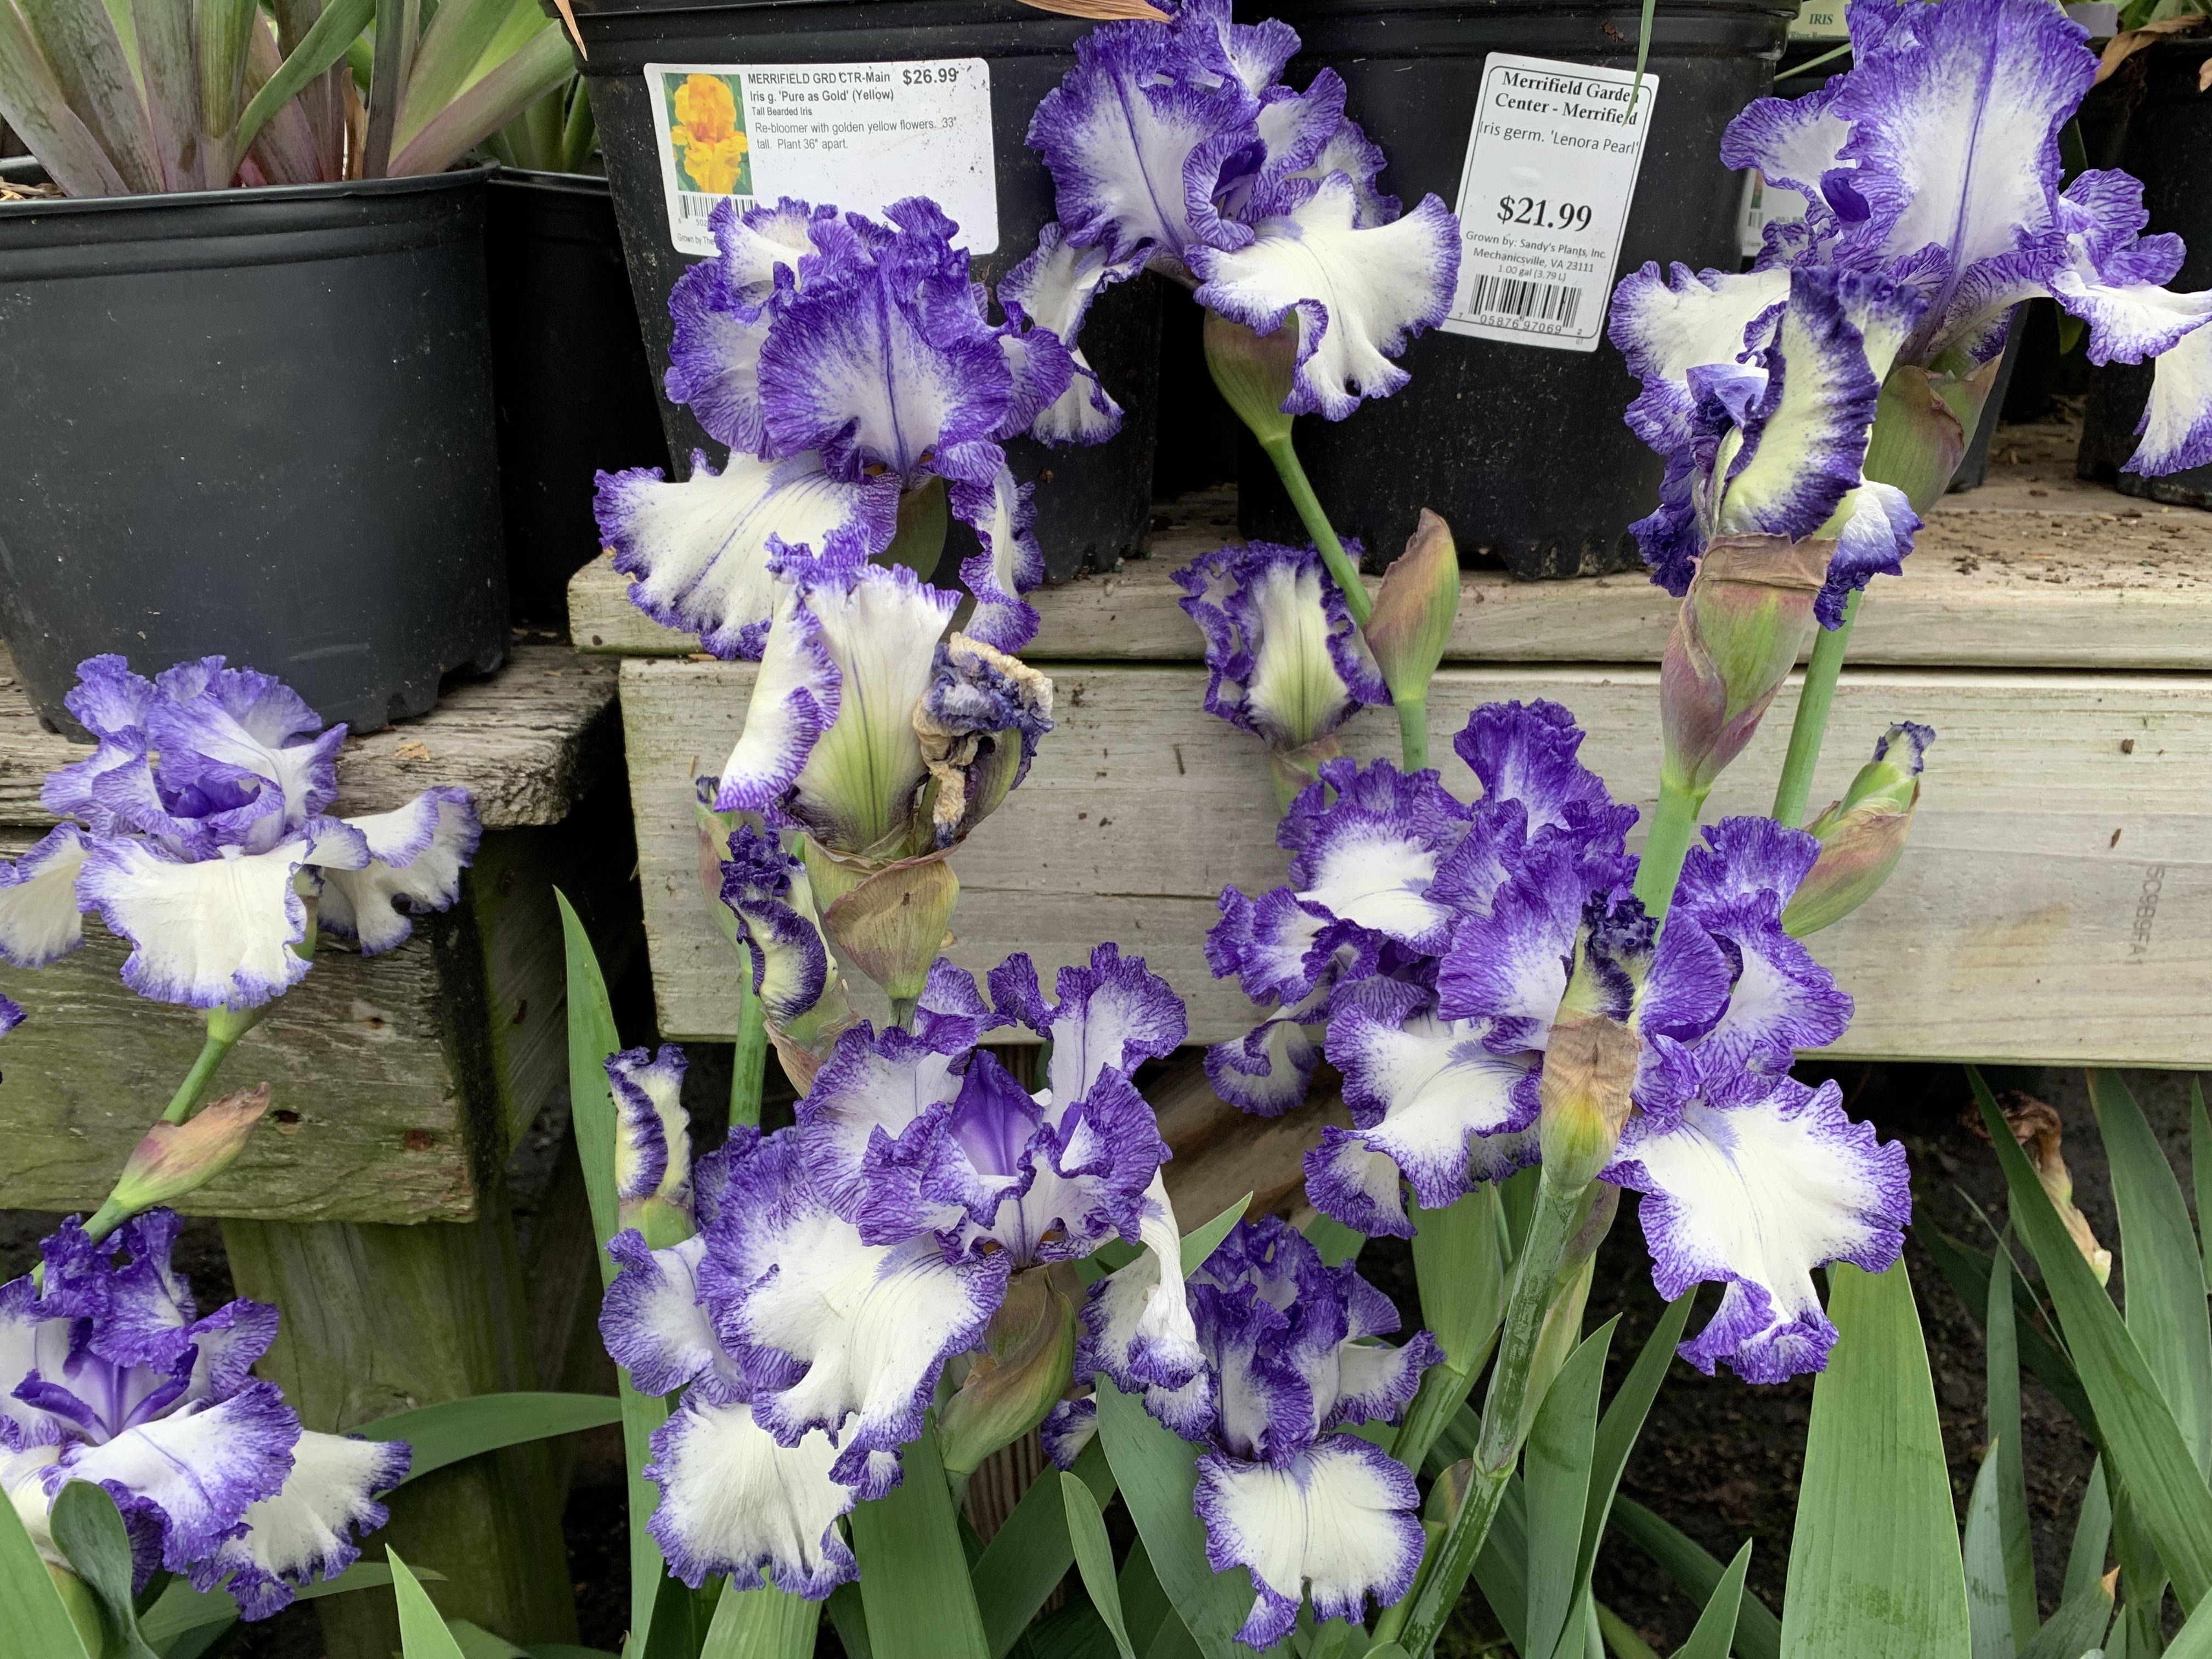 Purple And White German Bearded Irises At Merrifield Garden Center In Vienna Va May 2019 Iris Flowers Beautiful Flowers Purple Flowers